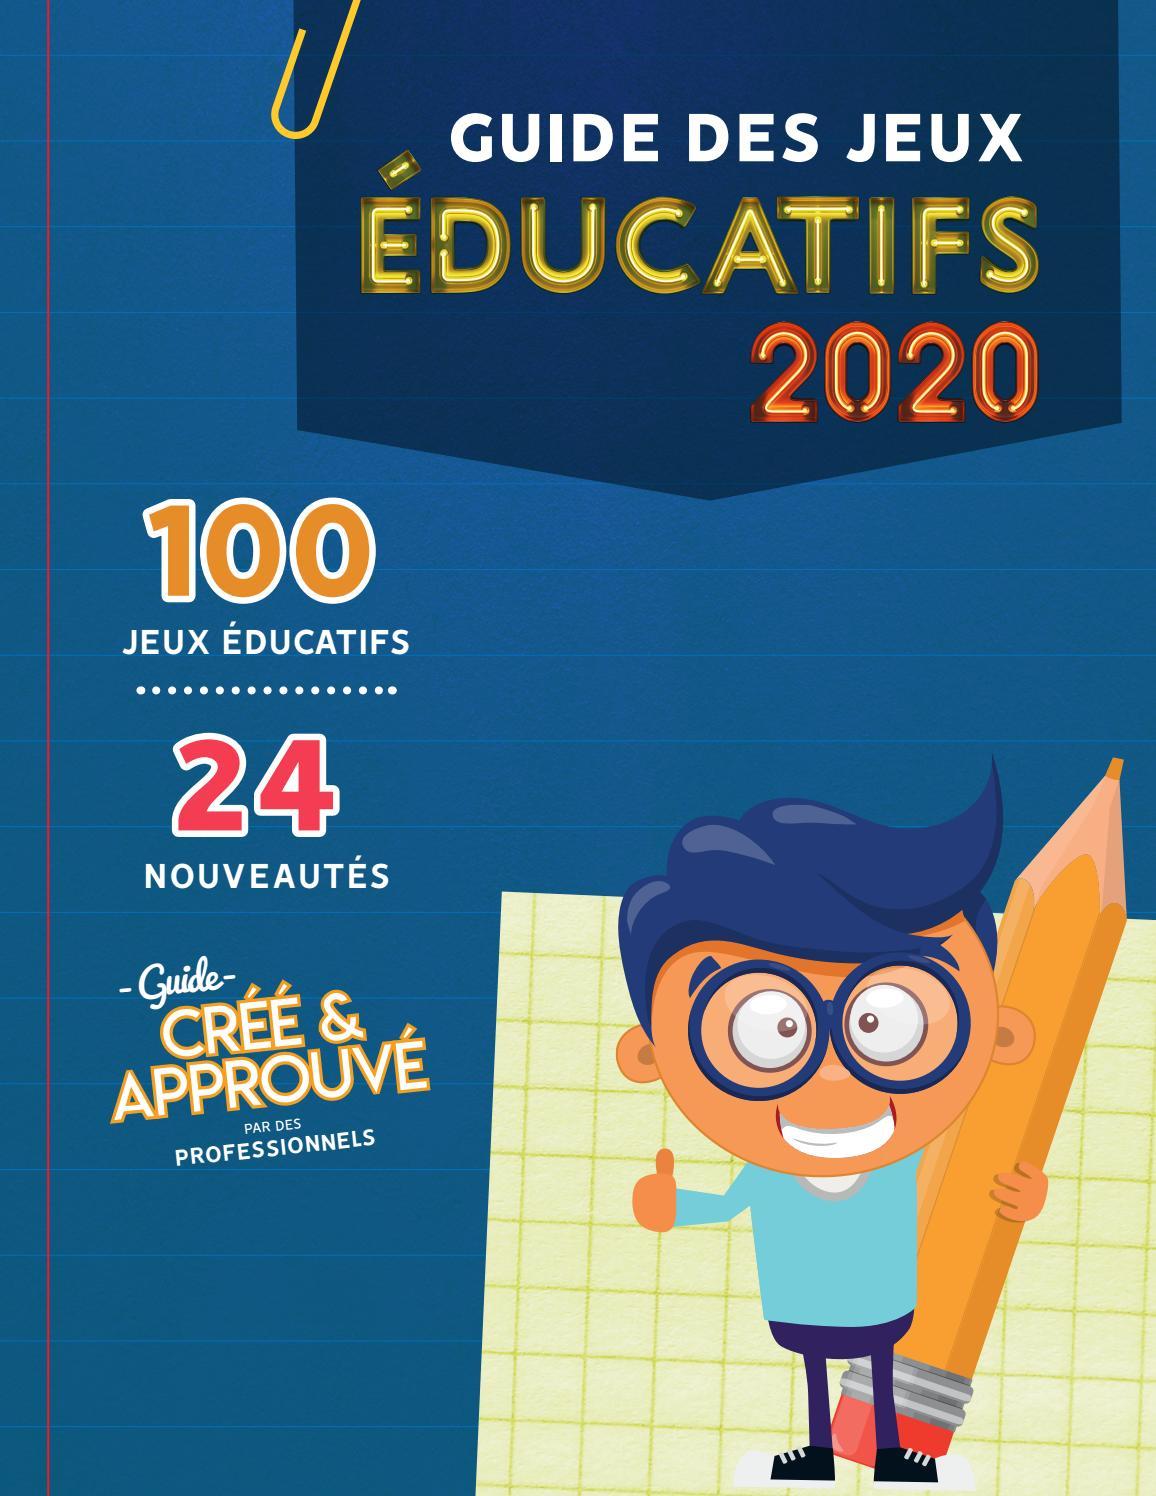 Guide Des Jeux Éducatifs 2020 By Castellojeu - Issuu tout Jeux Educatif 9 Ans